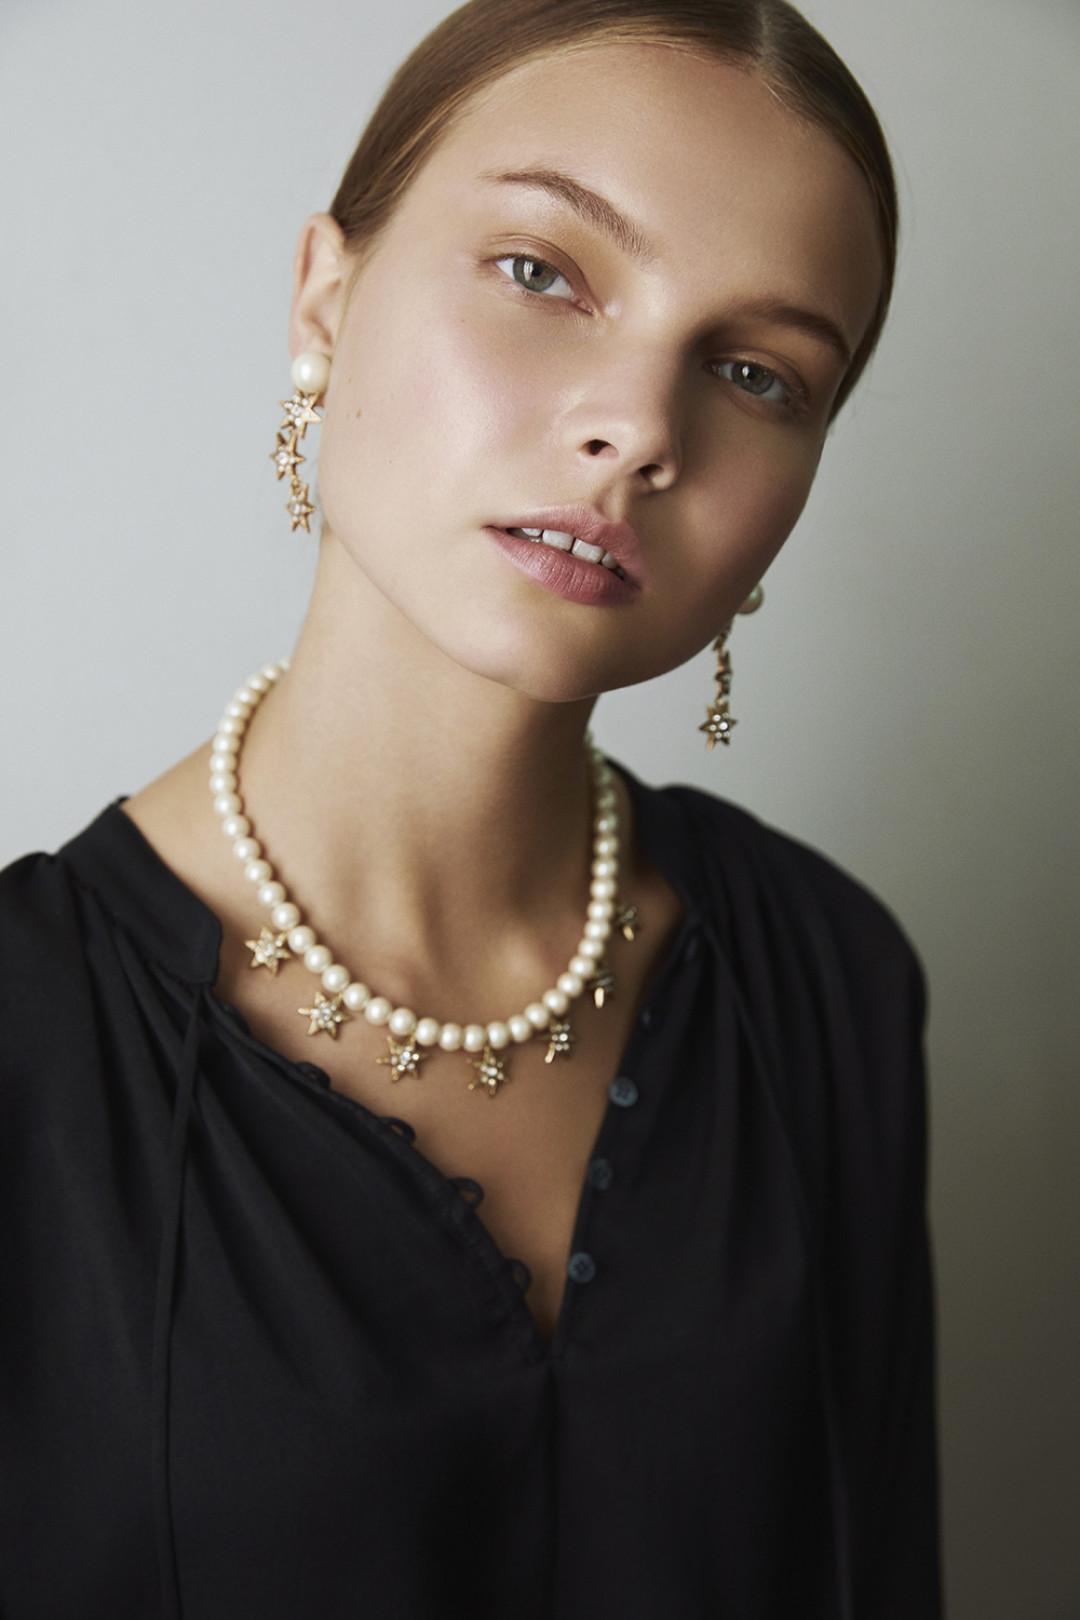 アデル ビジュー(ADER.bijoux)より、ホリデーコレクションが登場